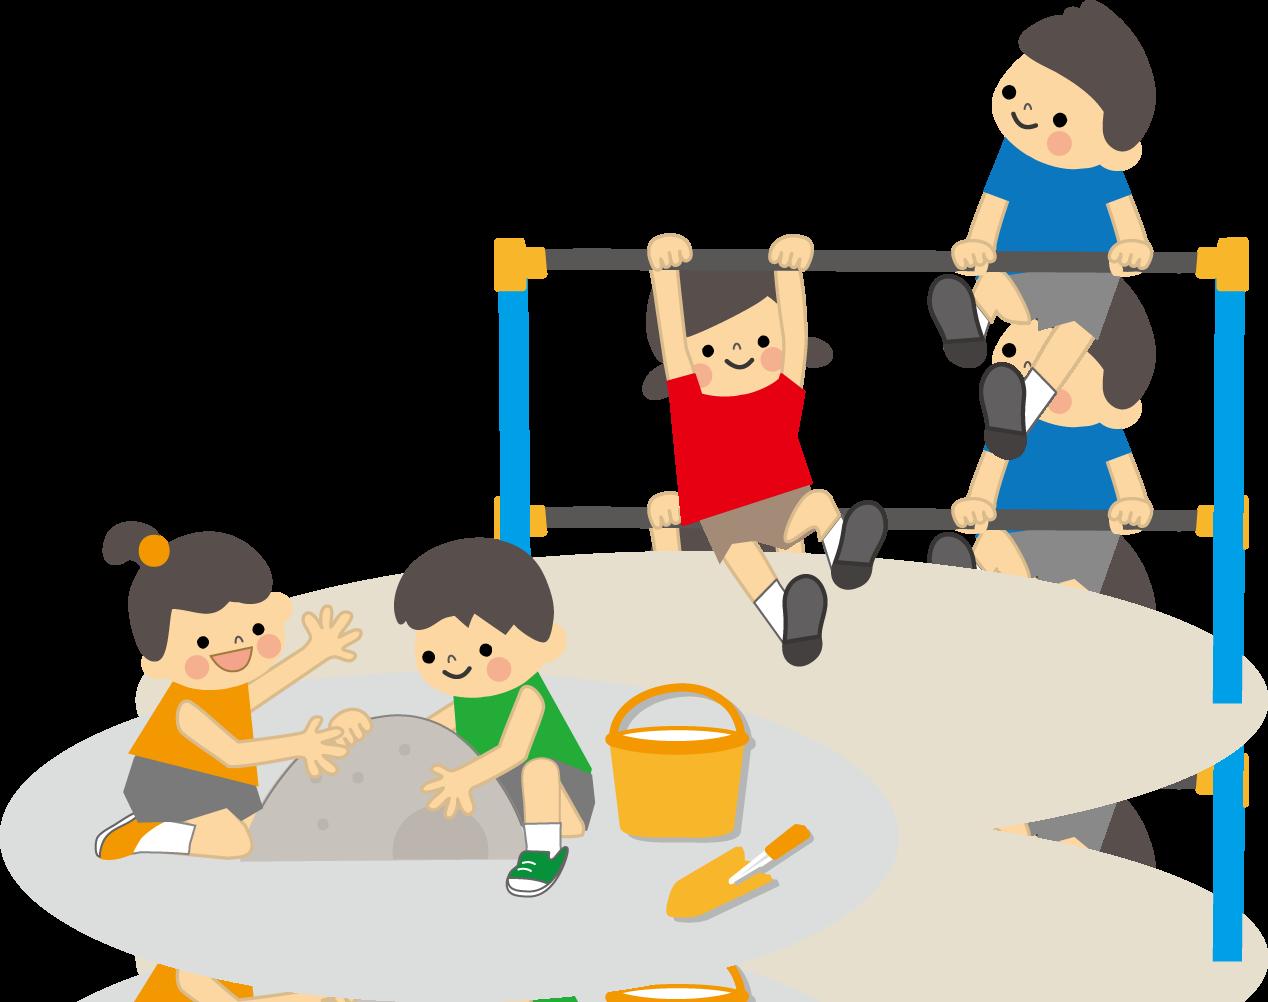 「子どもと遊ぶ フリーイラスト」の画像検索結果